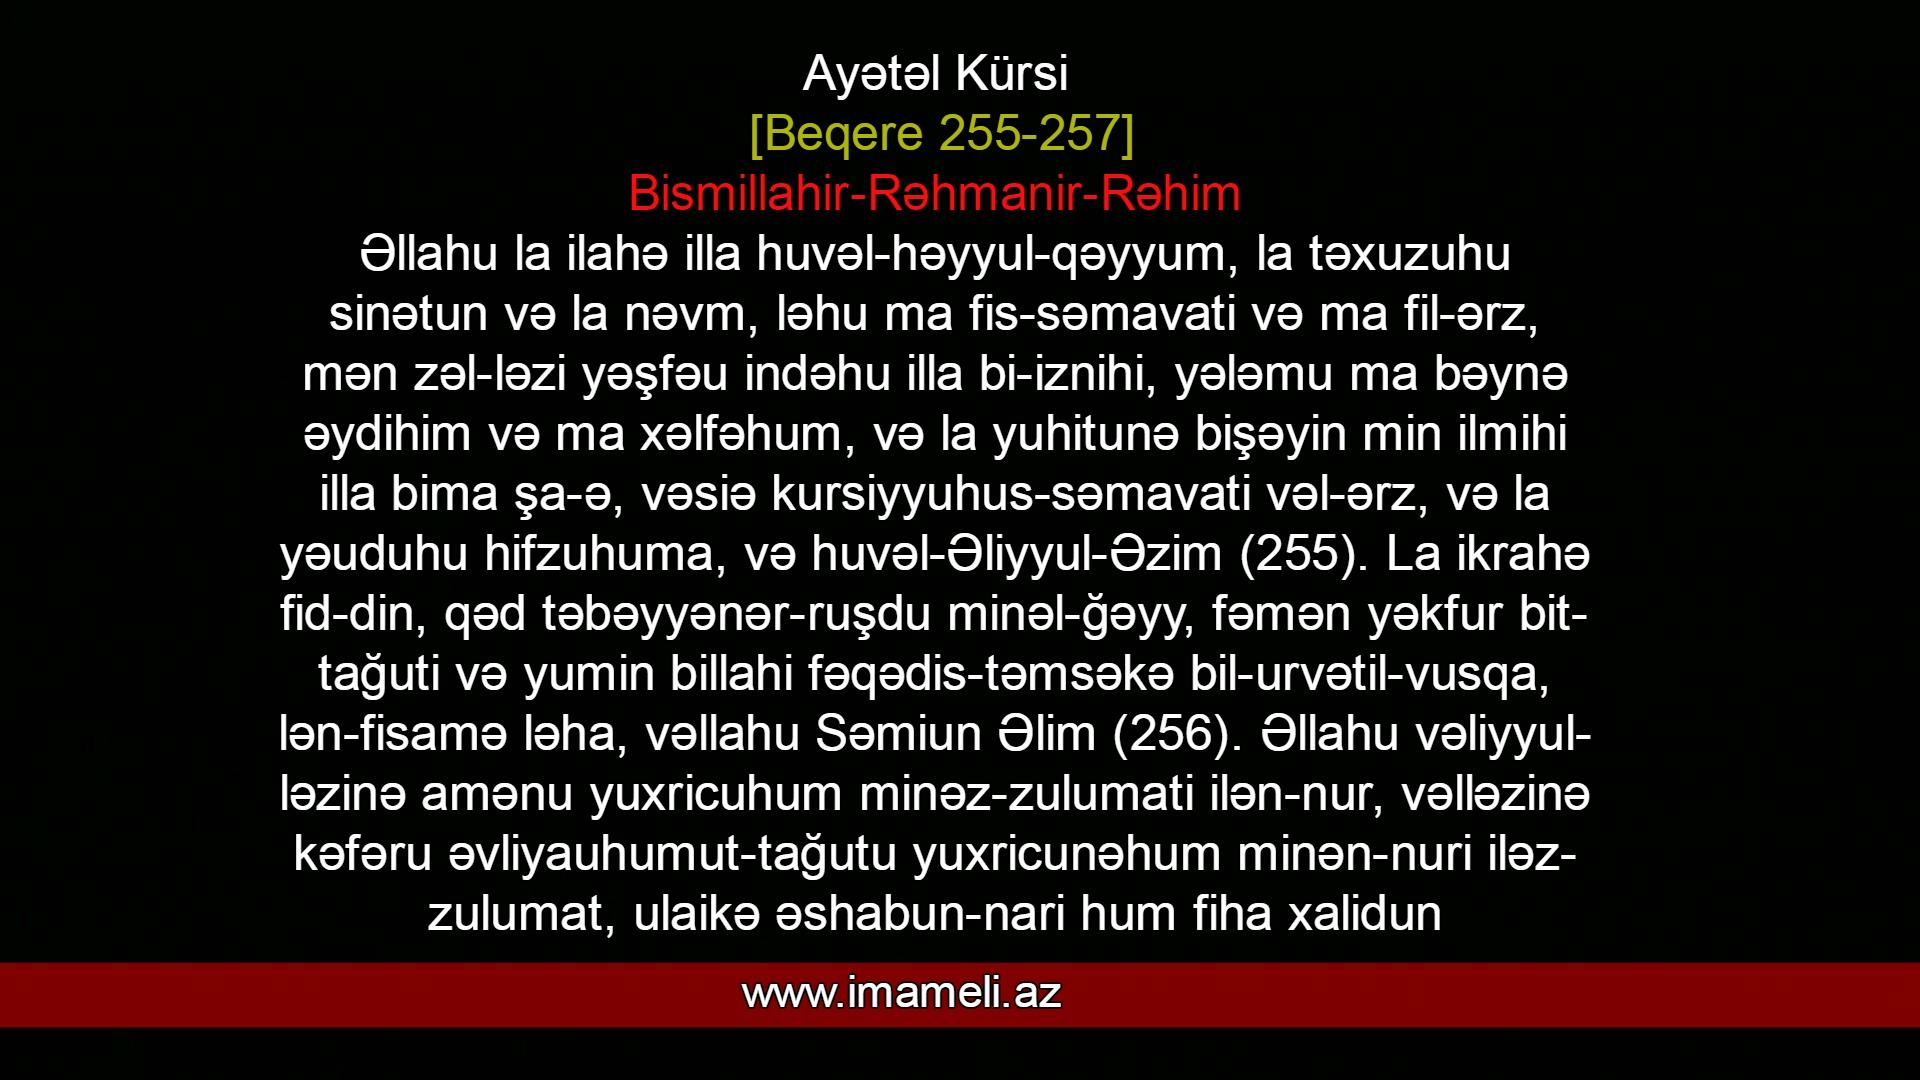 Ayətəl Kursi ərəbcə Və Azərbaycan Dilində Oxunusu Və Yazilisi Imameli Az